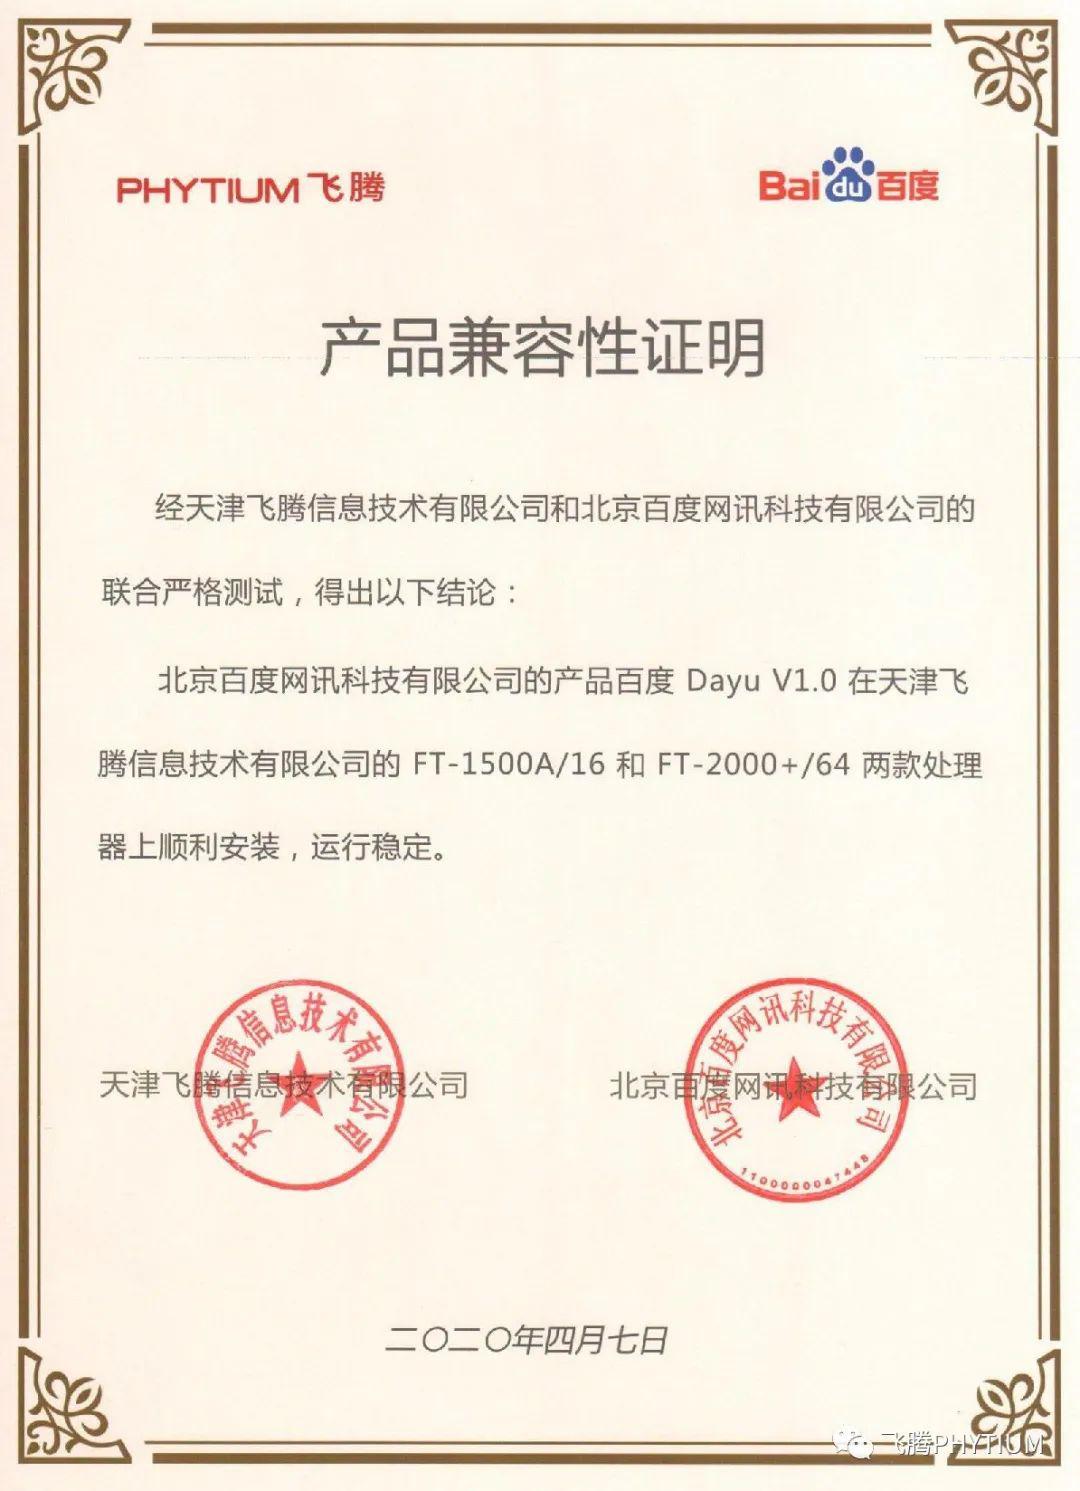 【广州高能时讯】飞腾与百度鲁班大数据产品完成互认证